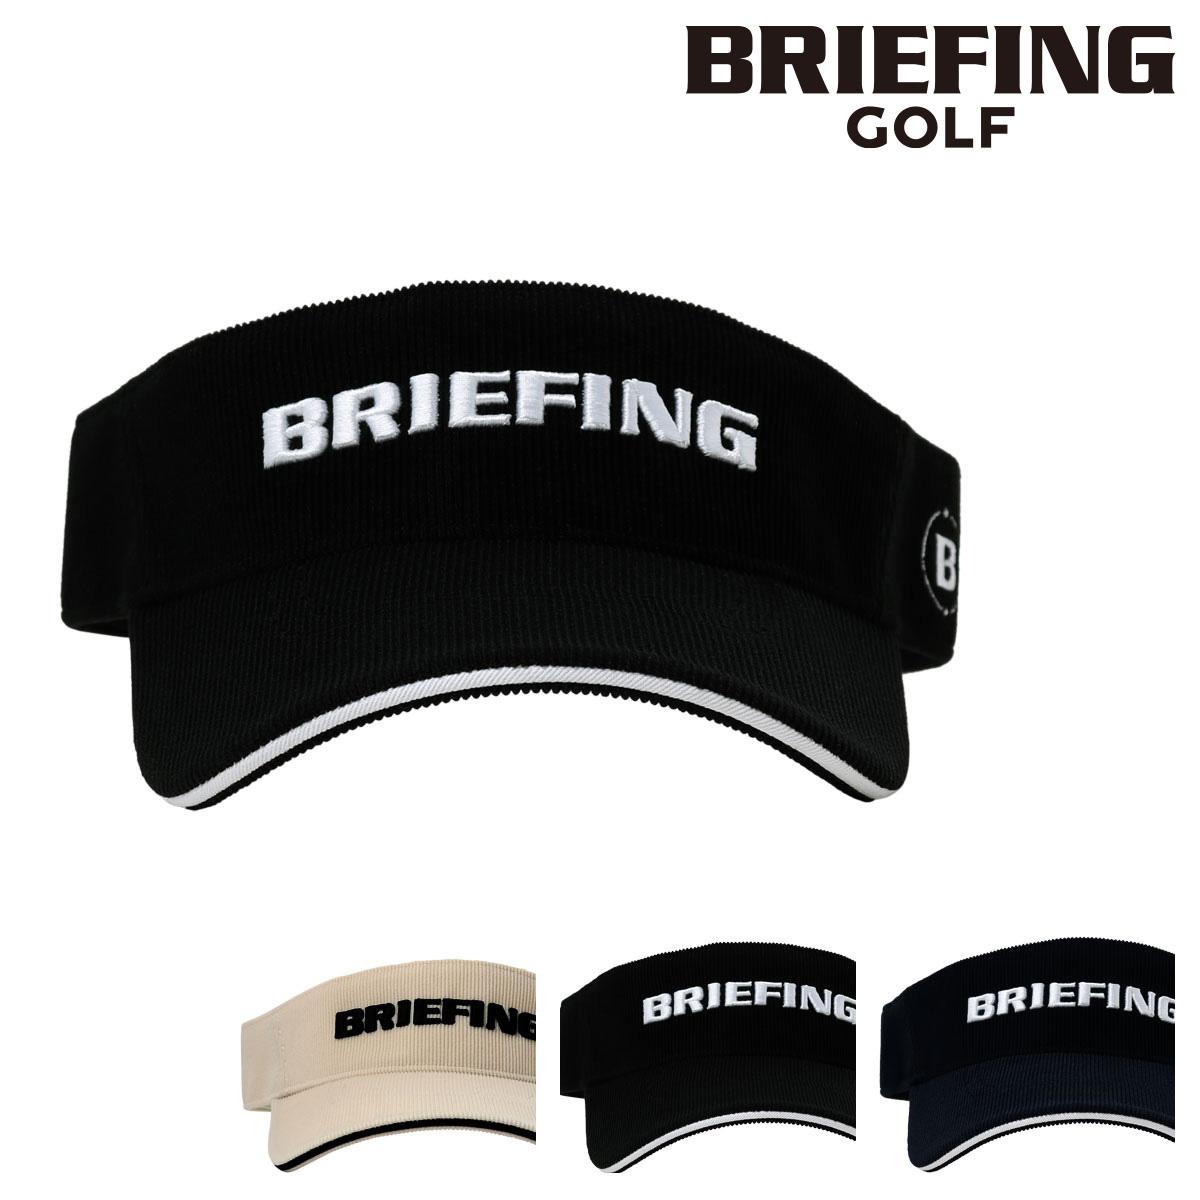 卓出 送料無料 あす楽 ブリーフィング ※ラッピング ※ ゴルフ サンバイザー MENS CORDUROY VISOR 帽子 メンズBRG203M49 即日発送 GOLF bef BRIEFING PO10 サイズ調節可能